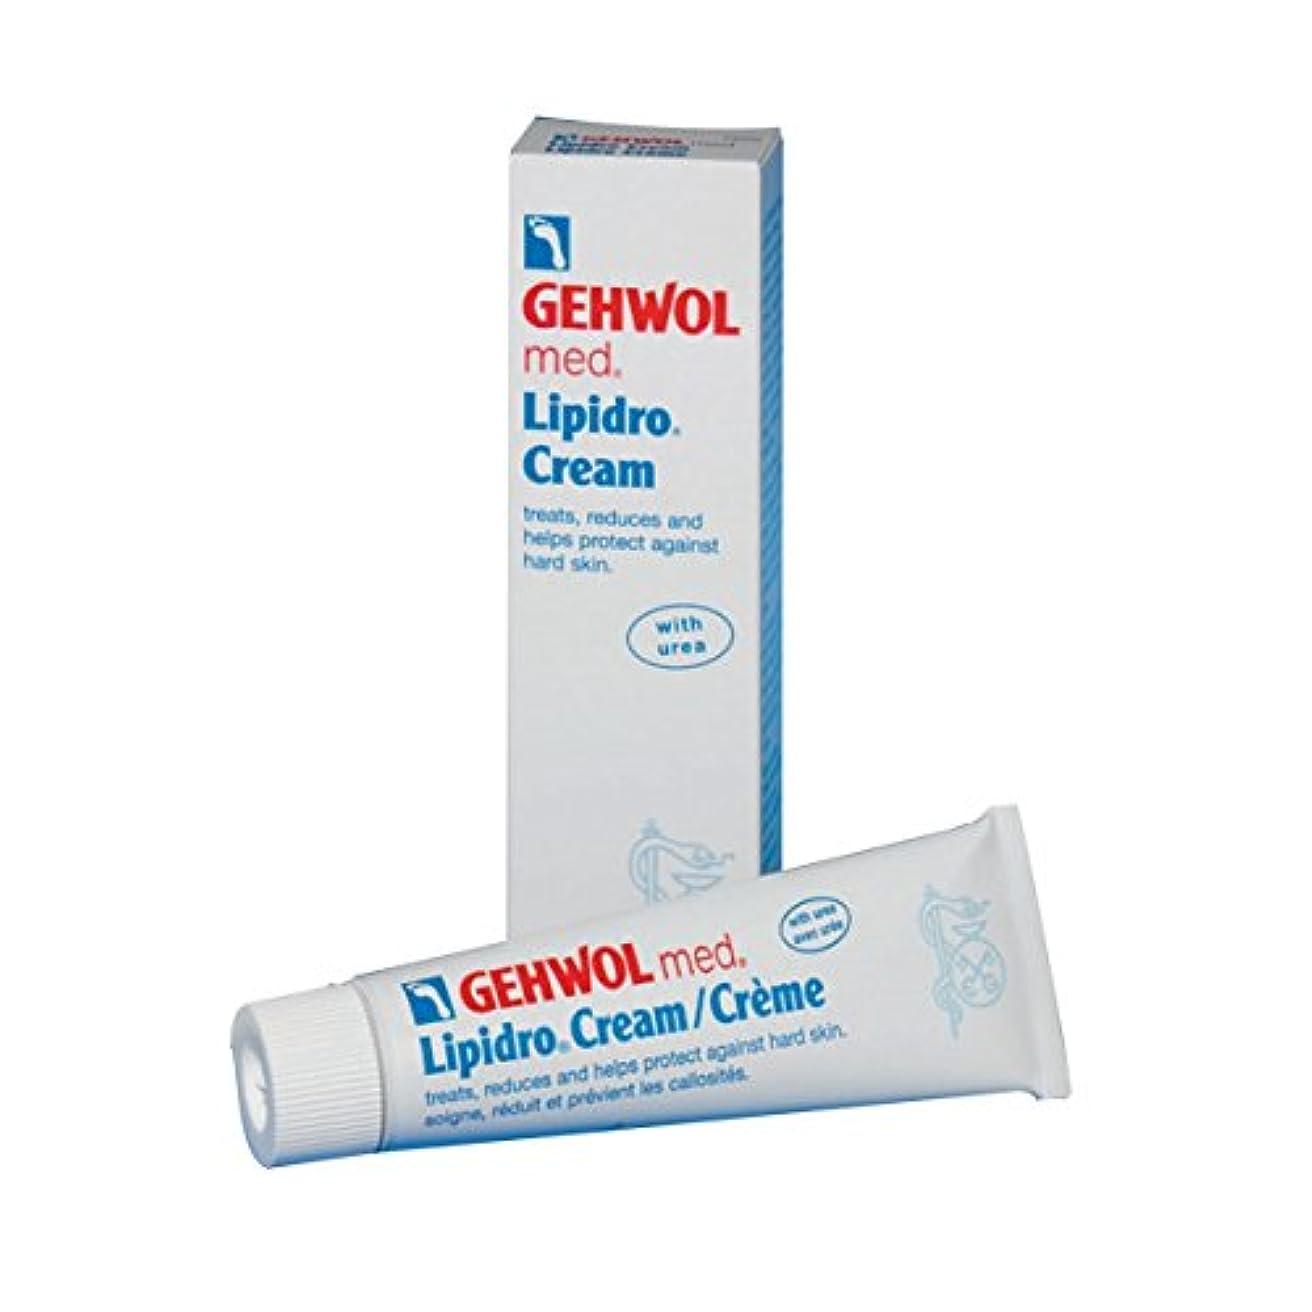 わなワーカー価格Gehwol Med Lipidro Cream 75ml [並行輸入品]